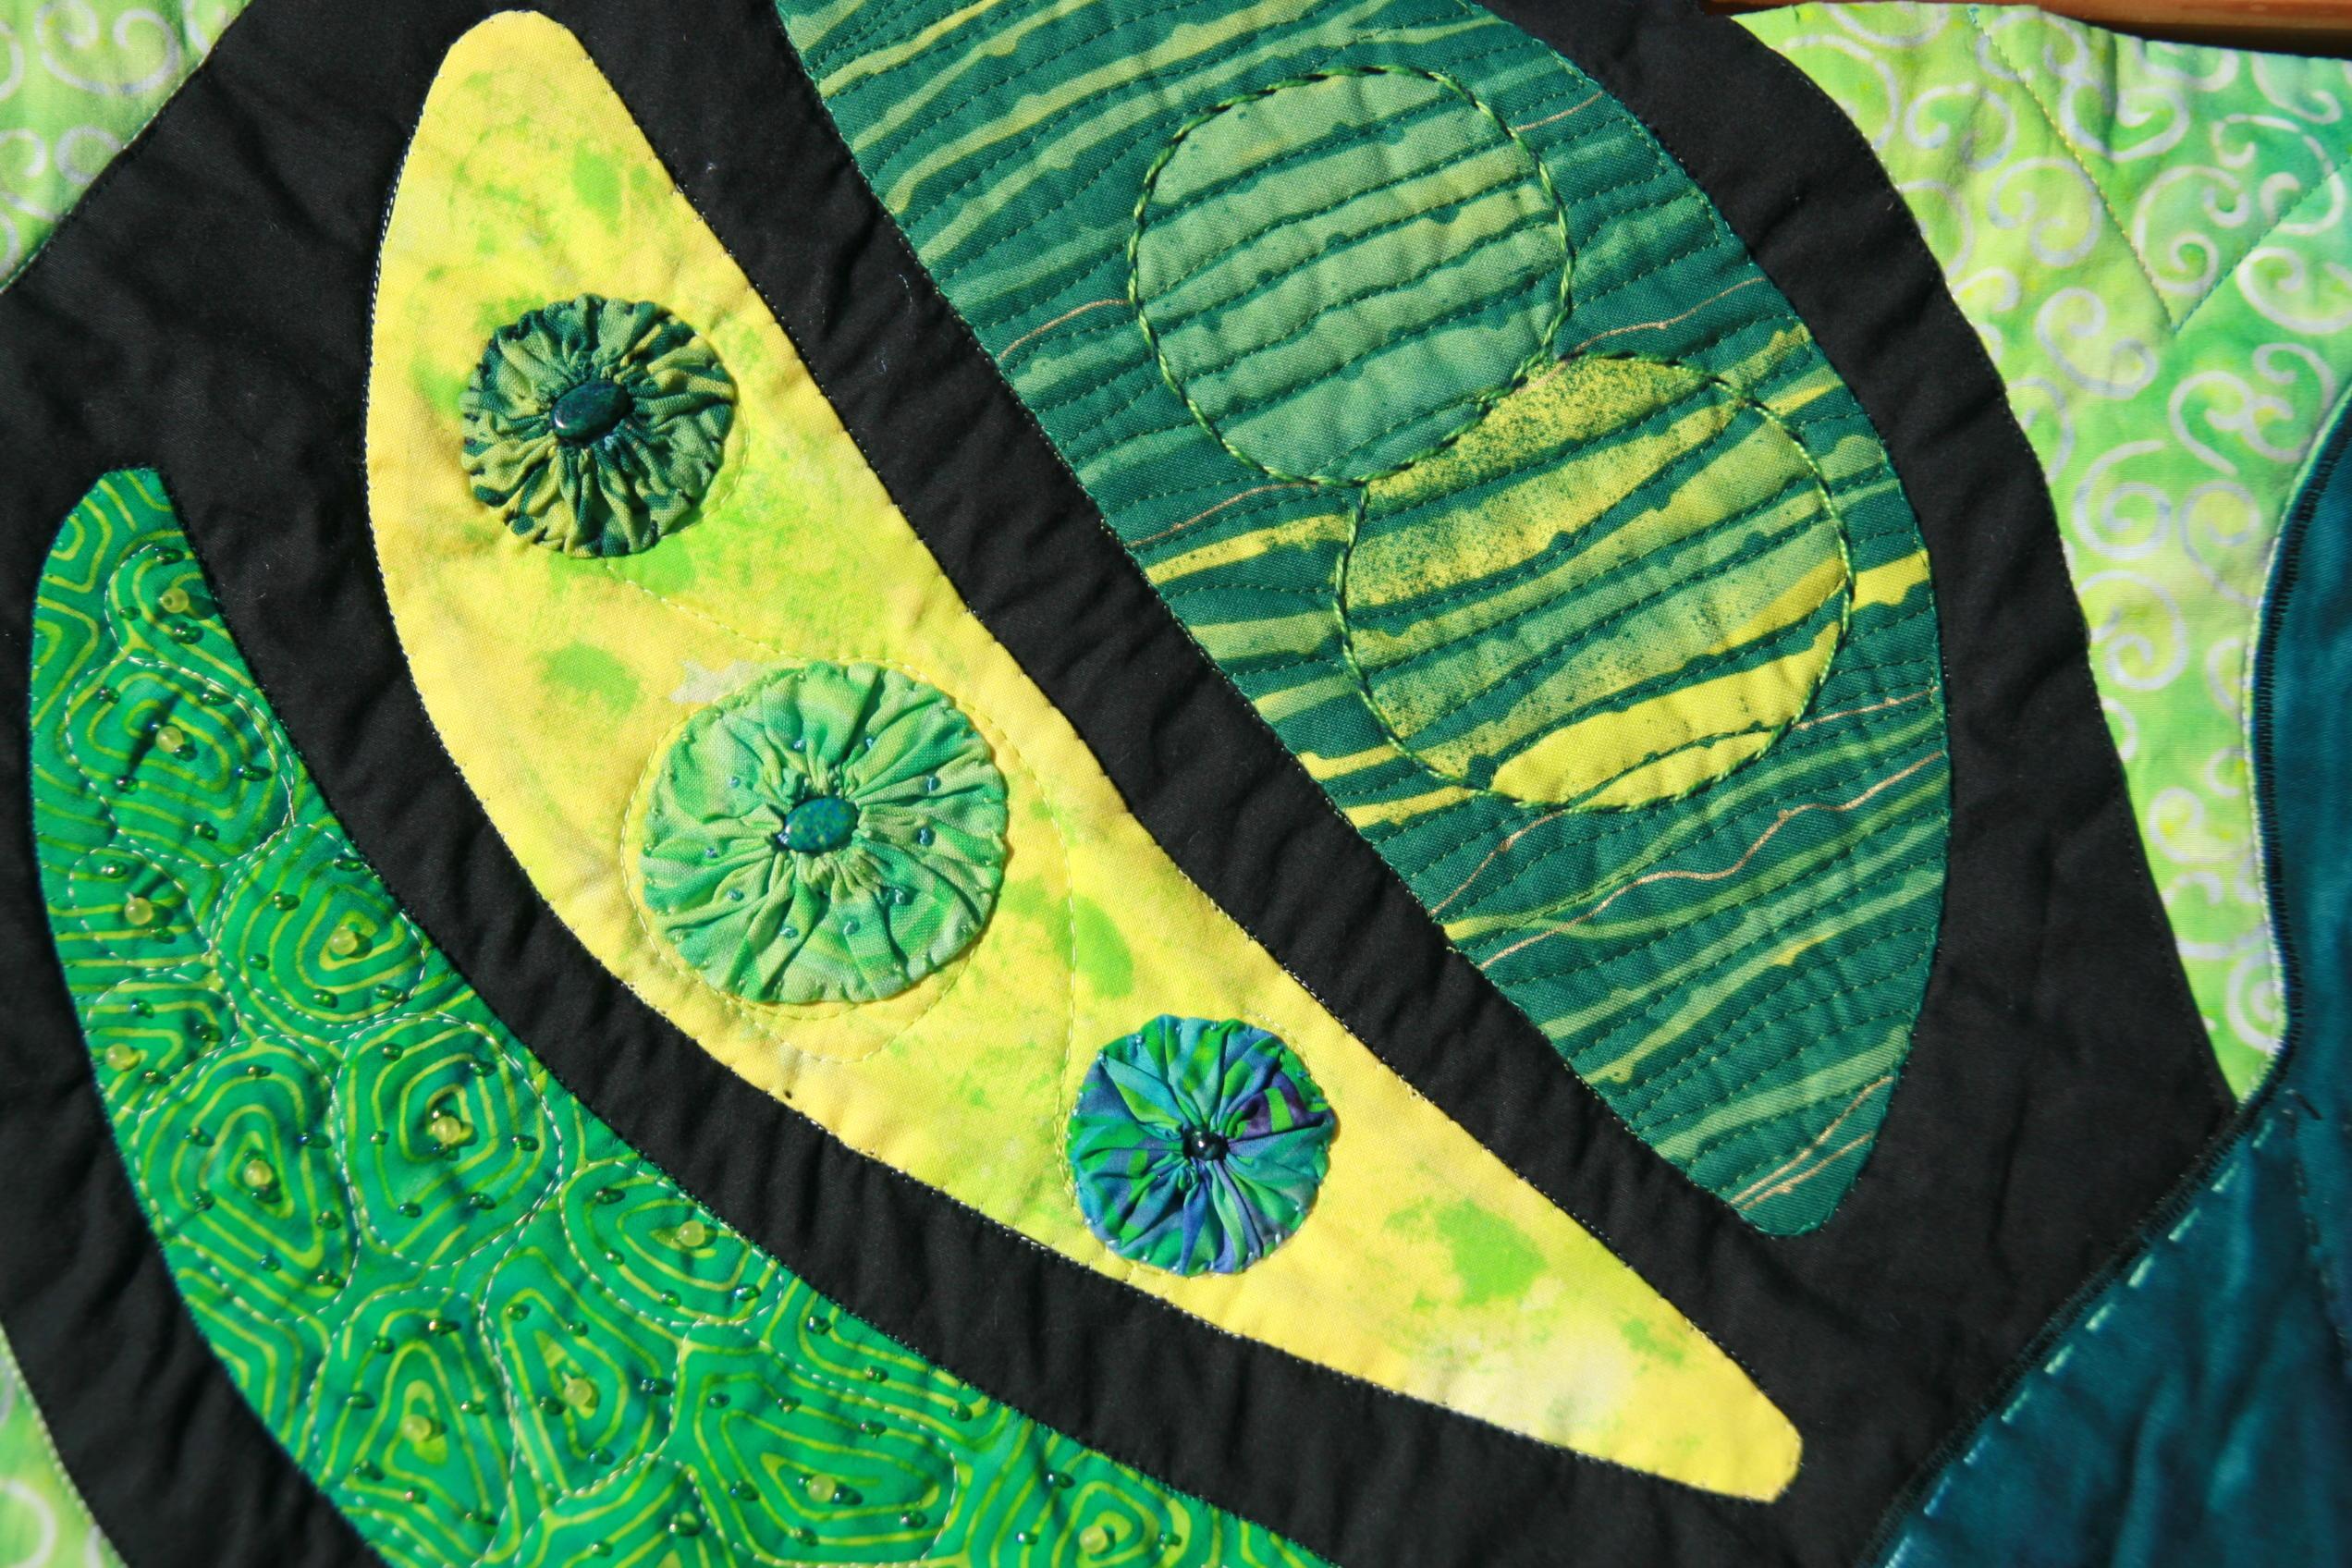 Art quilt con aplicaciones, abalorios, pintura, batik verde